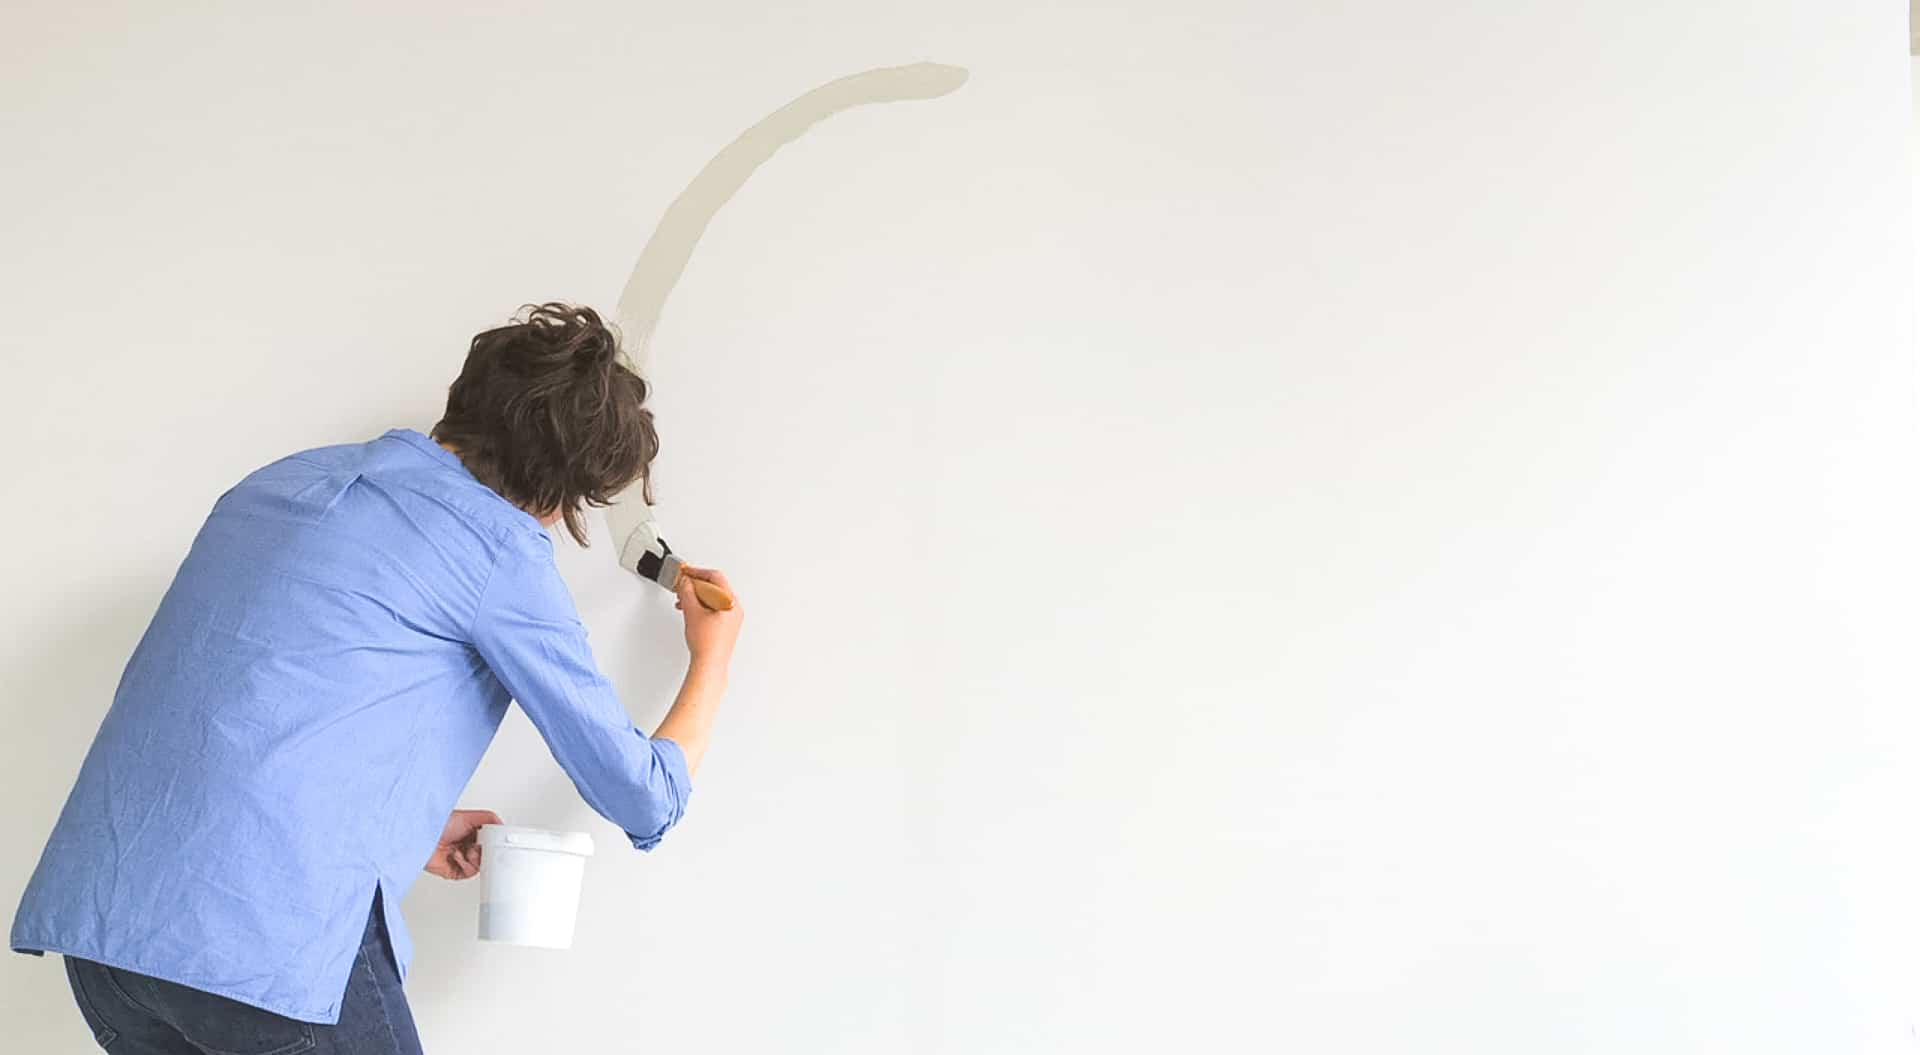 Cómo pintar un círculo en tu pared